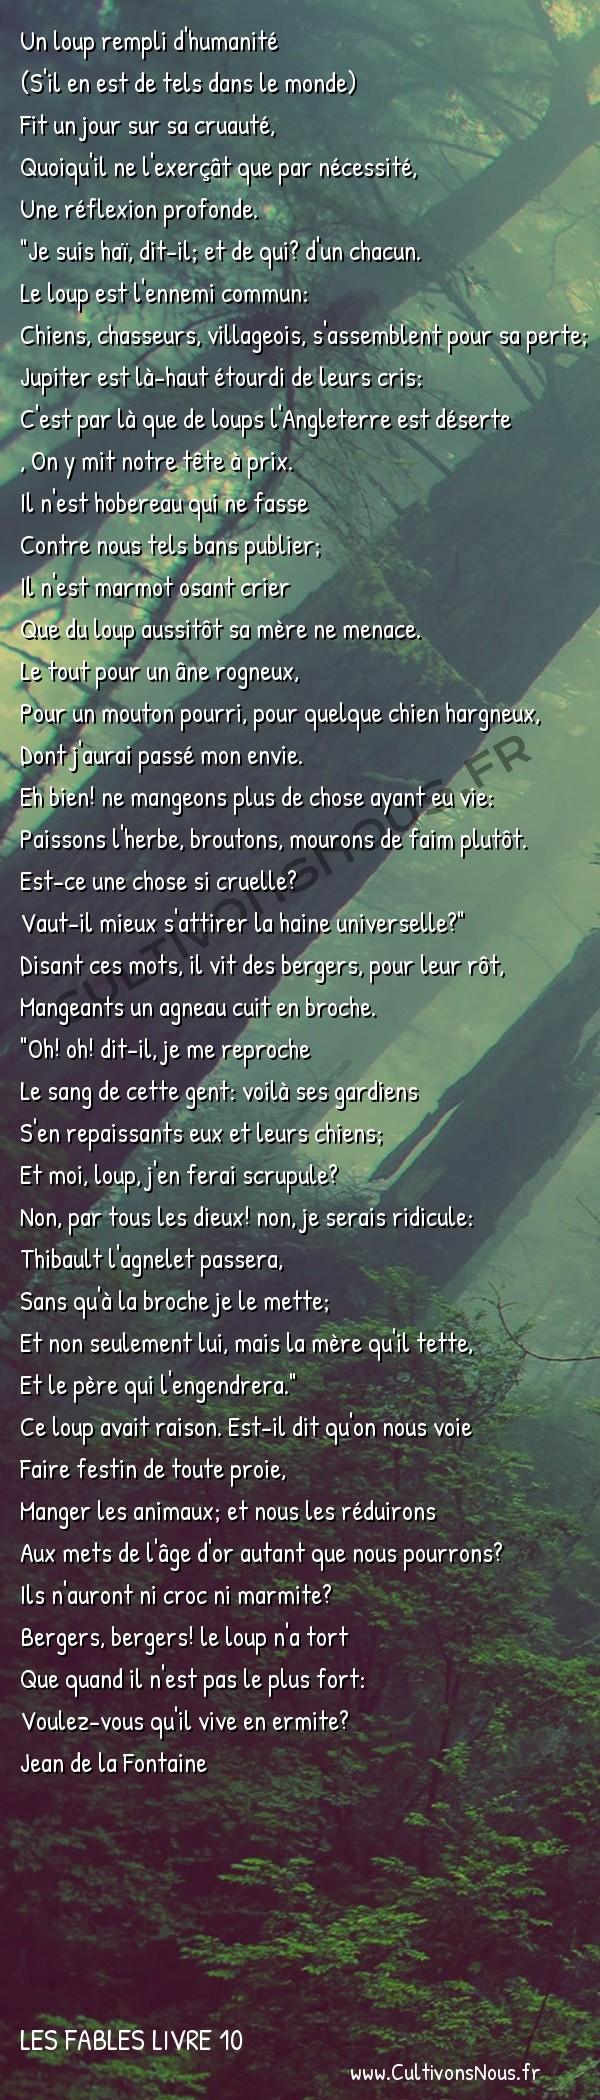 Fables Jean de la Fontaine - Les fables Livre 10 - Le Loup et les Bergers -   Un loup rempli d'humanité (S'il en est de tels dans le monde)